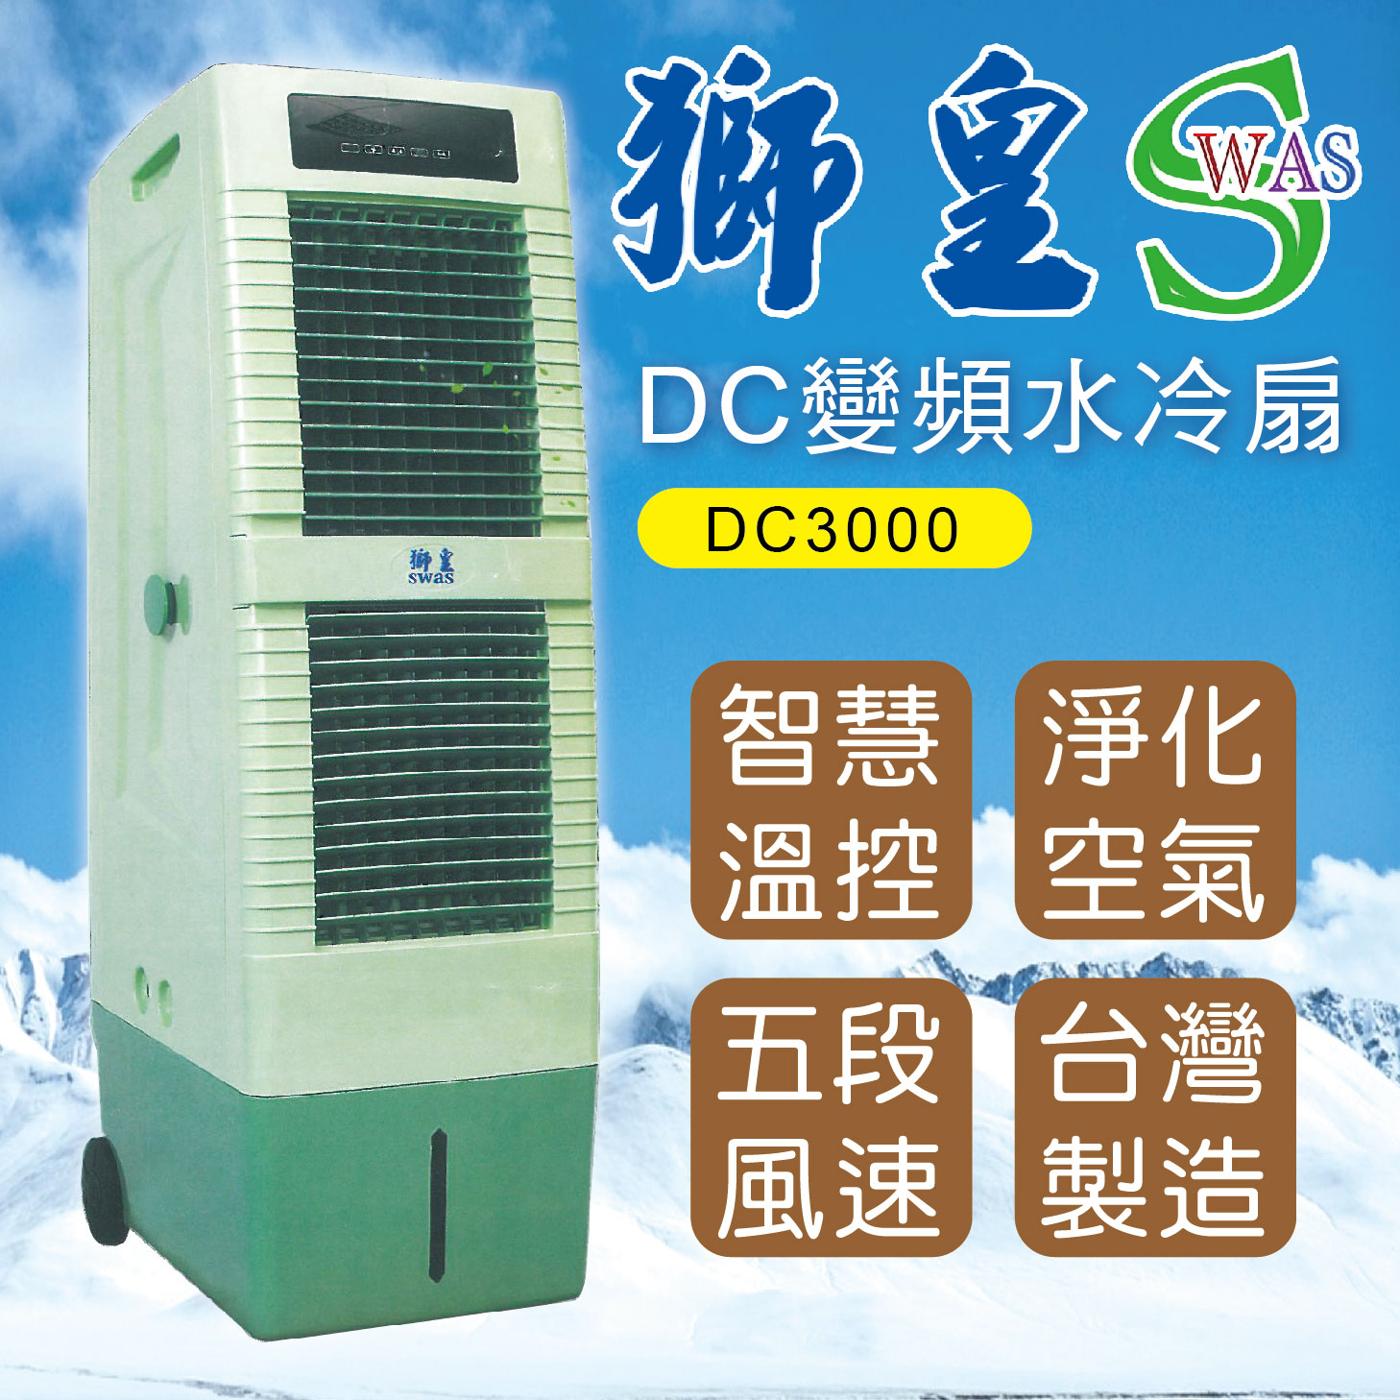 派樂獅皇商業用DC變頻水冷扇冰冷扇-DC3000 1入水冷氣水冷扇風扇立扇大廈扇30L水箱